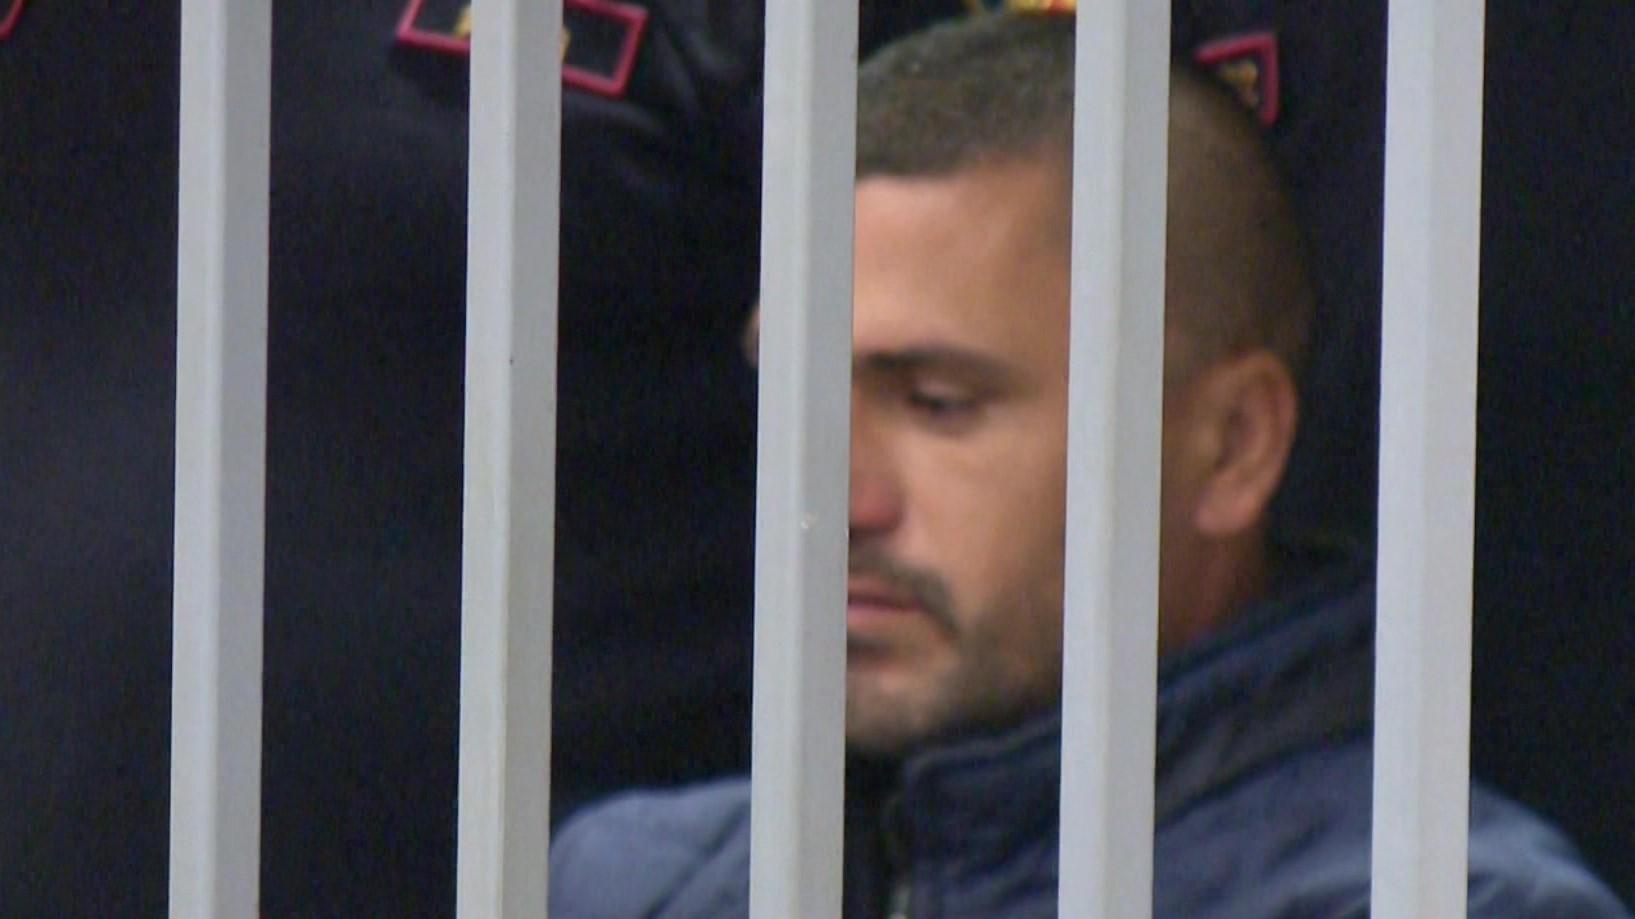 Avokati: Nezar Seiti s'ka qenë në asnjë fazë i penduar për çështjen e Habilajve